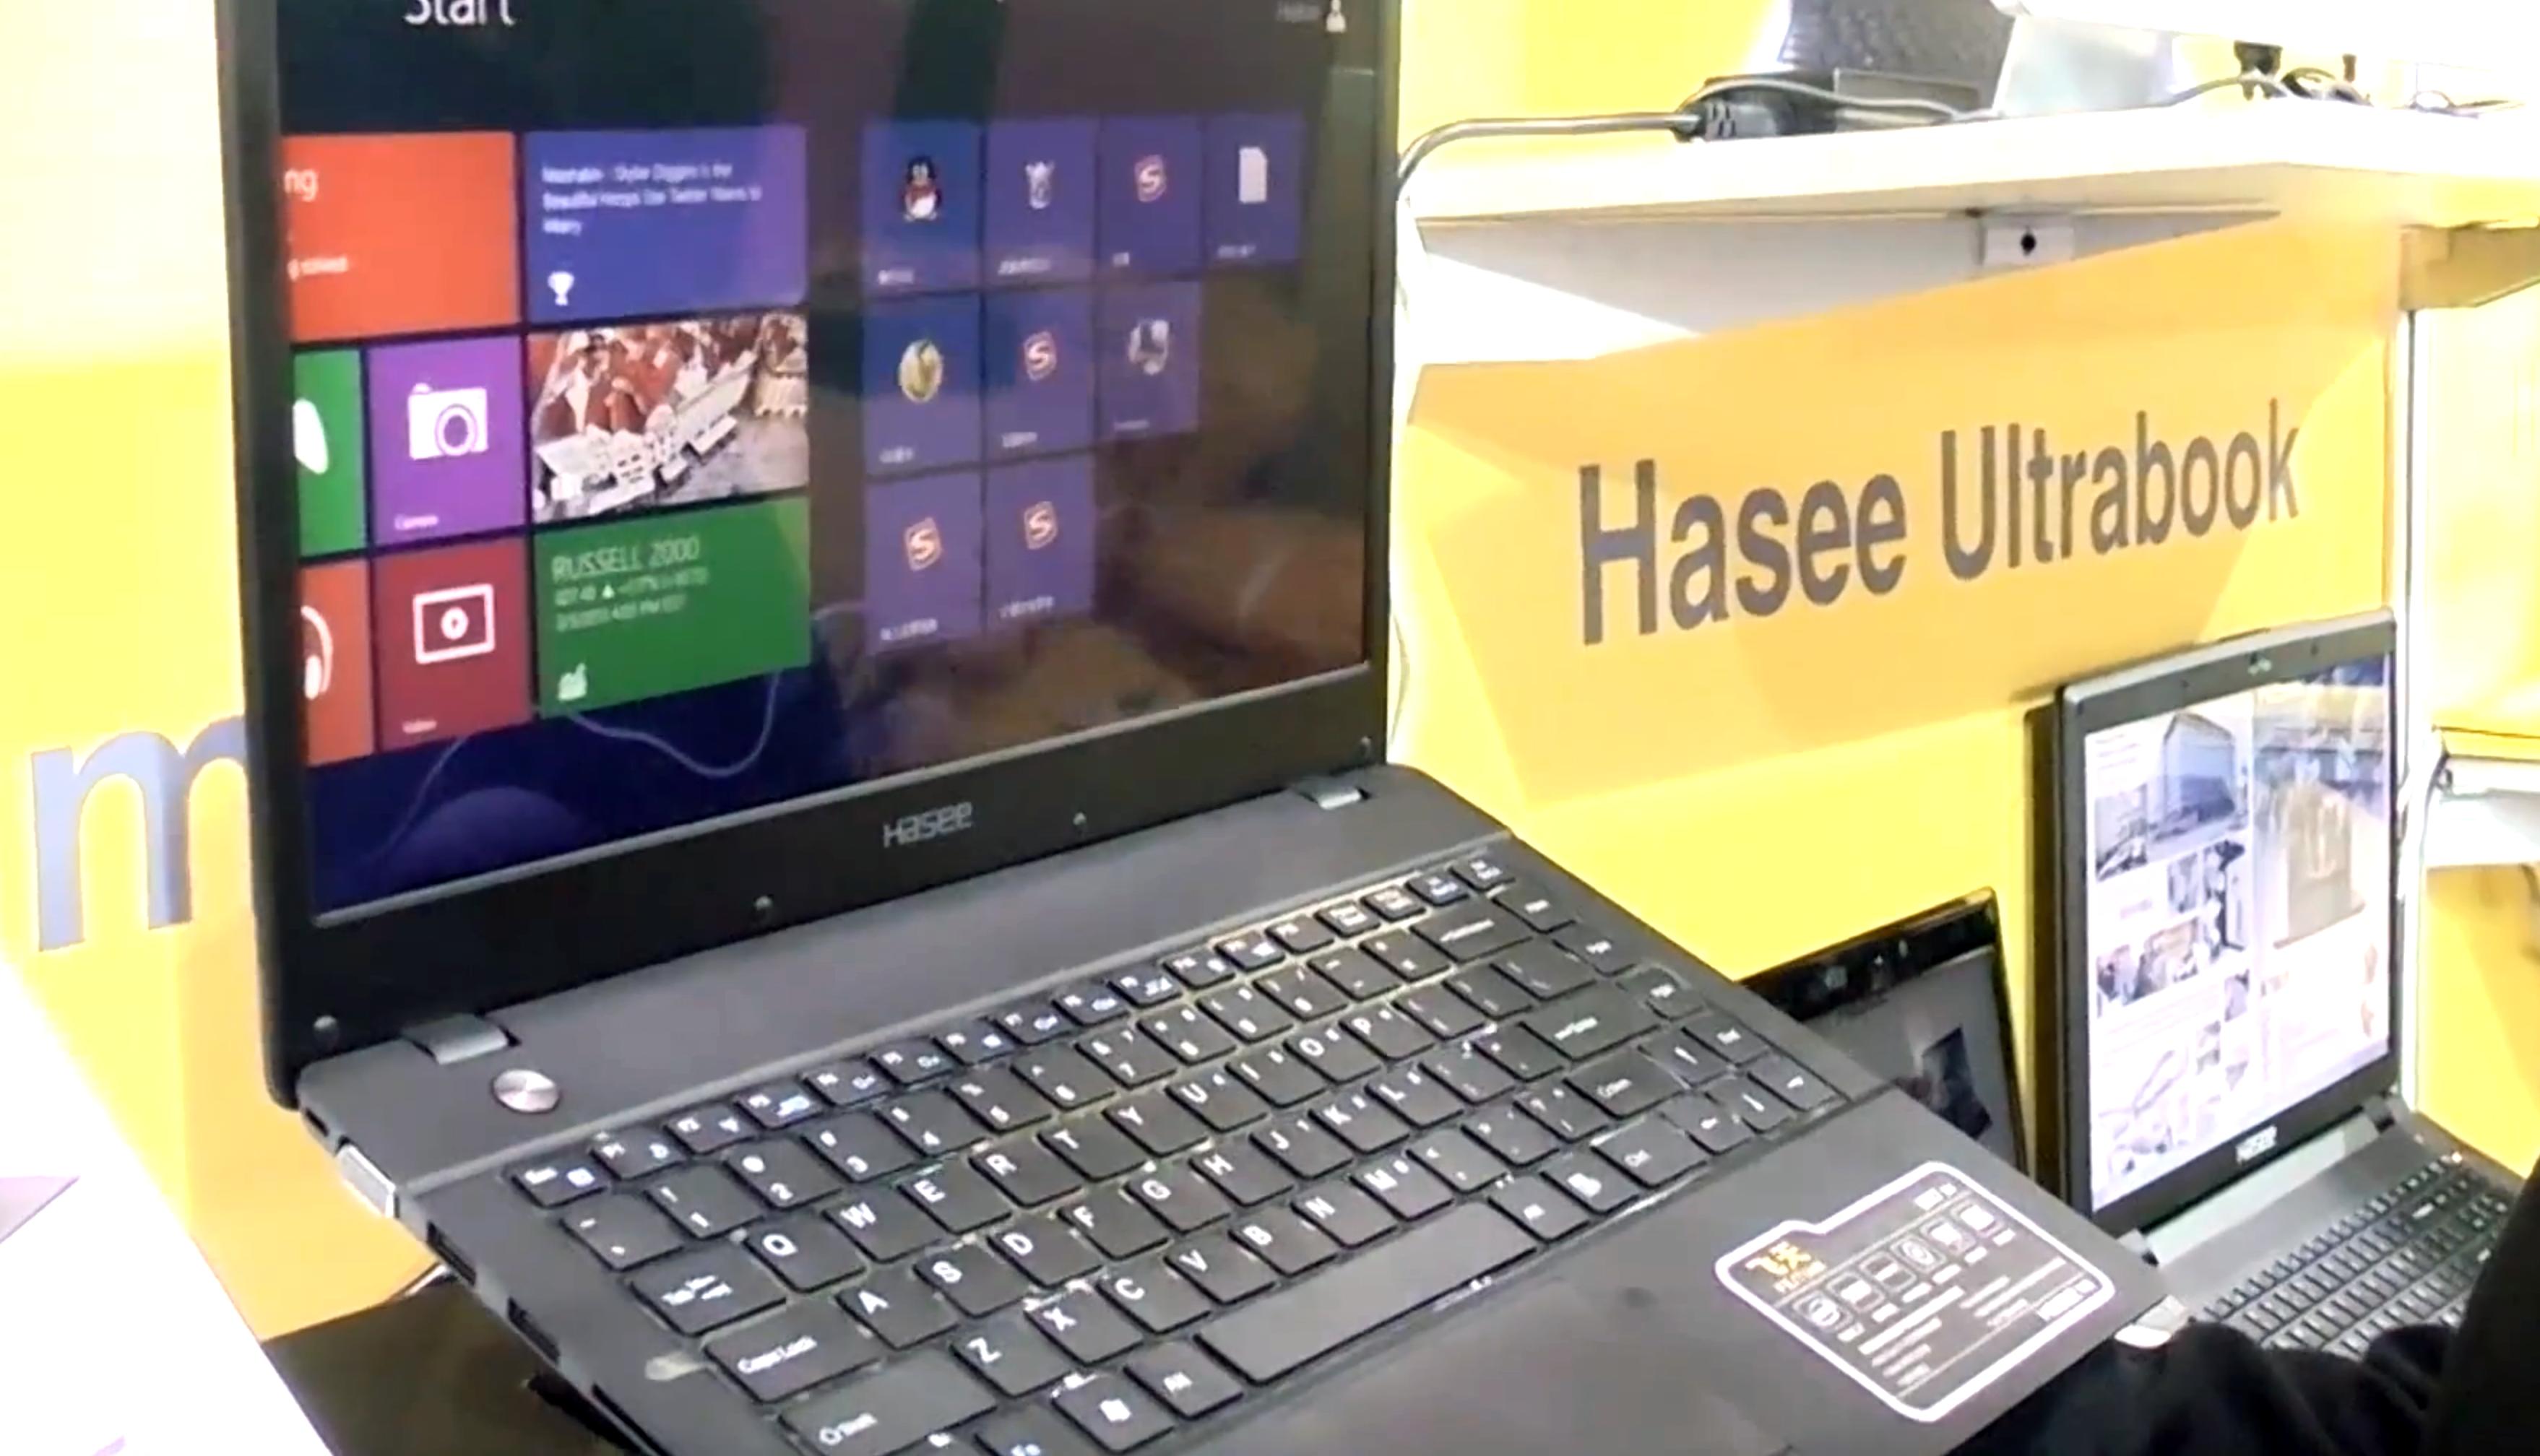 CeBIT: Hasee X300V Ultrabook mit 14-Zoll-Bildschirm für rund 600 Euro